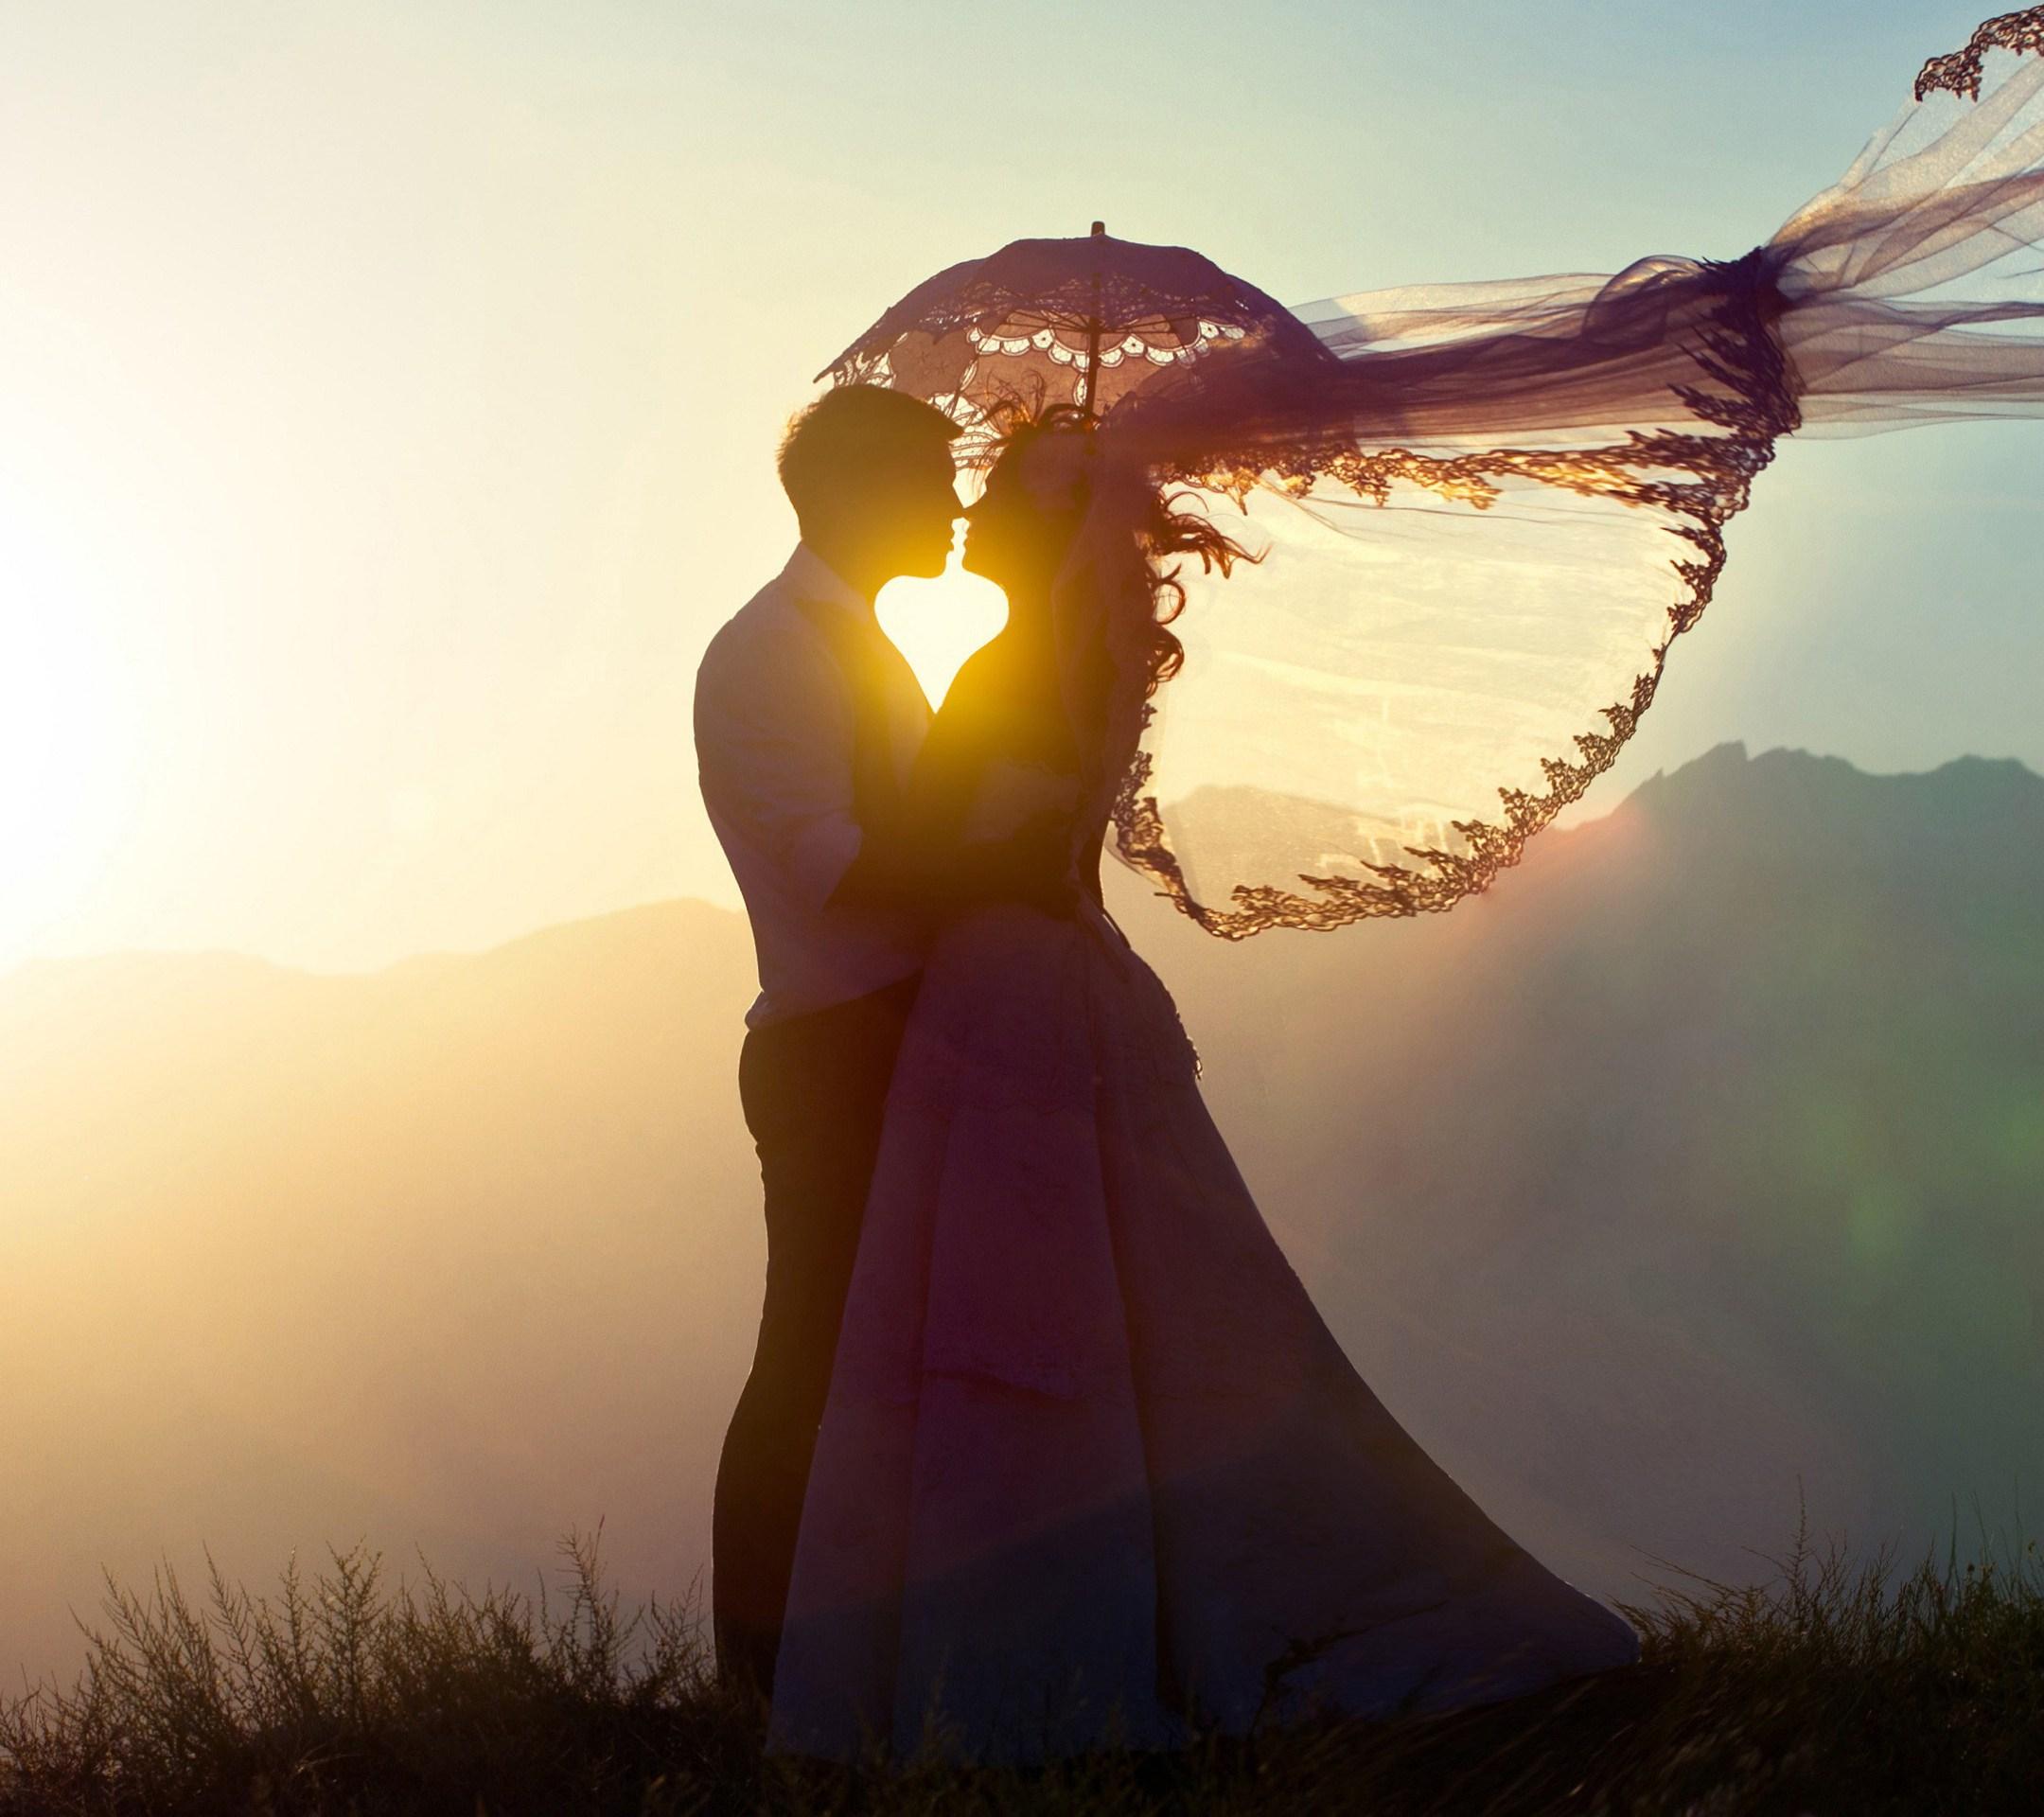 بالصور خلفيات رومانسية , من اجمل الخلفيات الرومانسية للحبيبة 2972 3